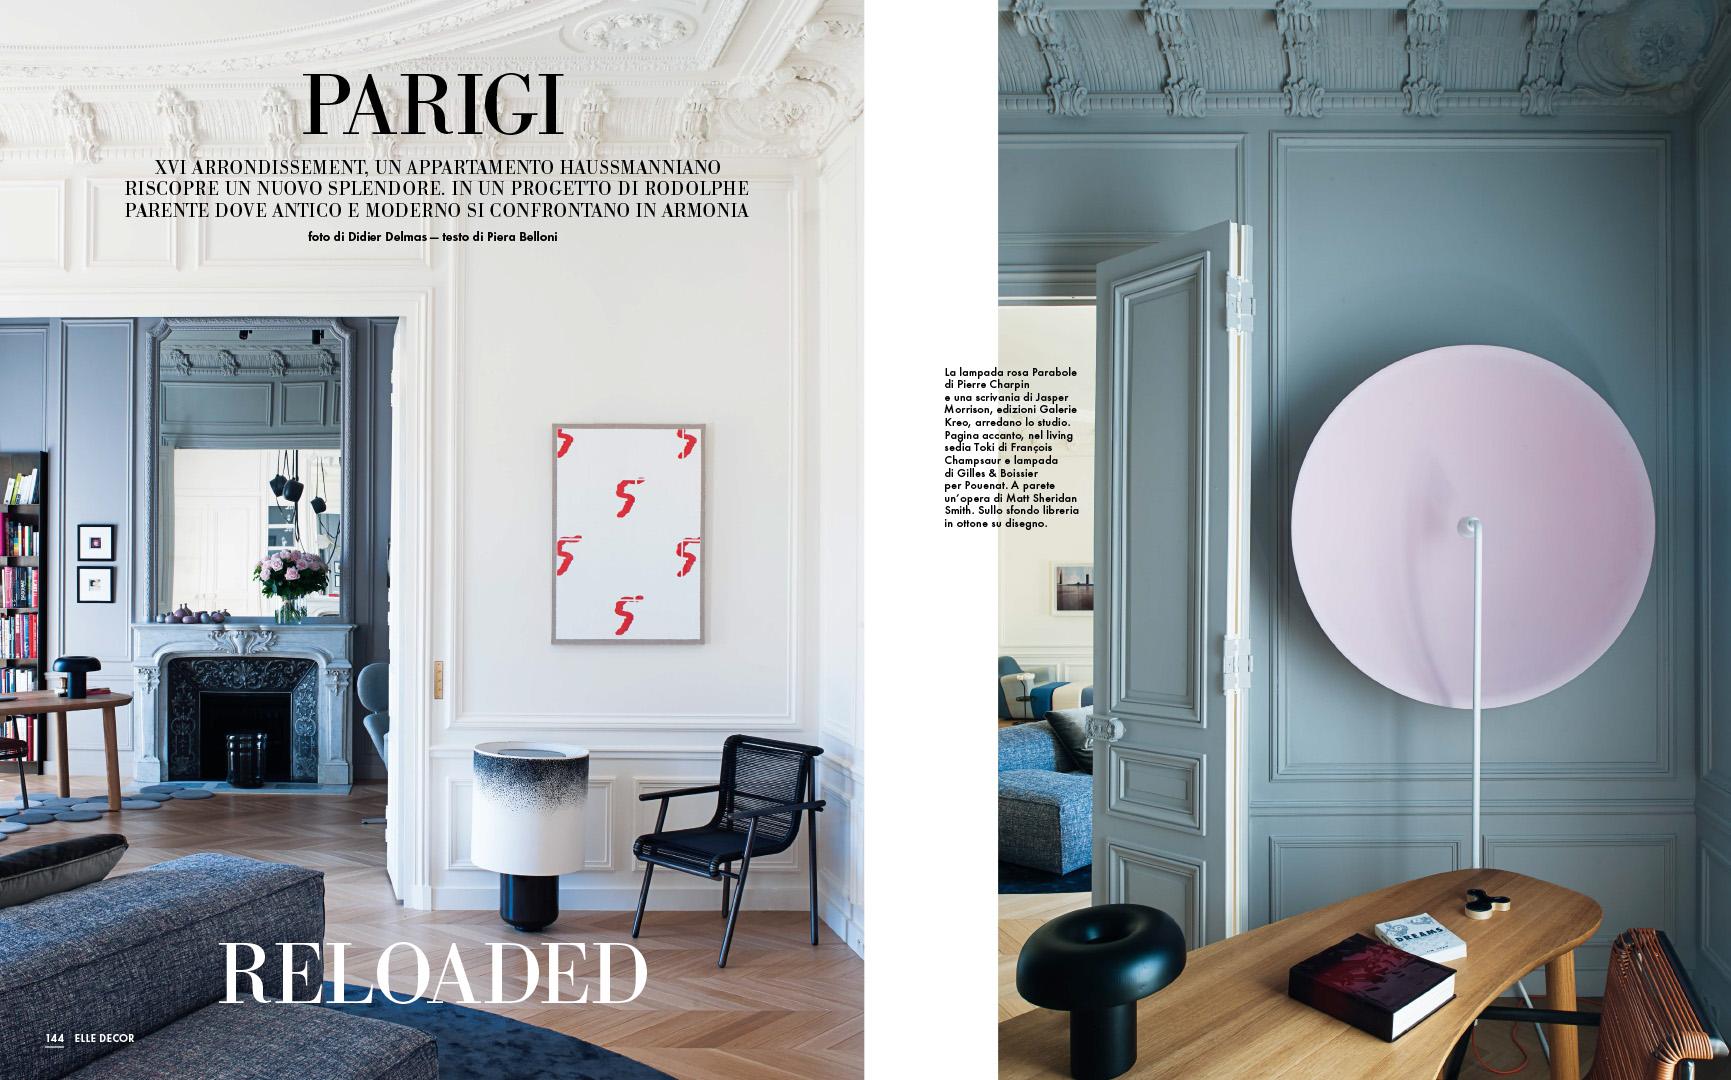 Parete Attrezzata Design Moderno Kreo.Press Archives Rodolphe Parente Architecture Design